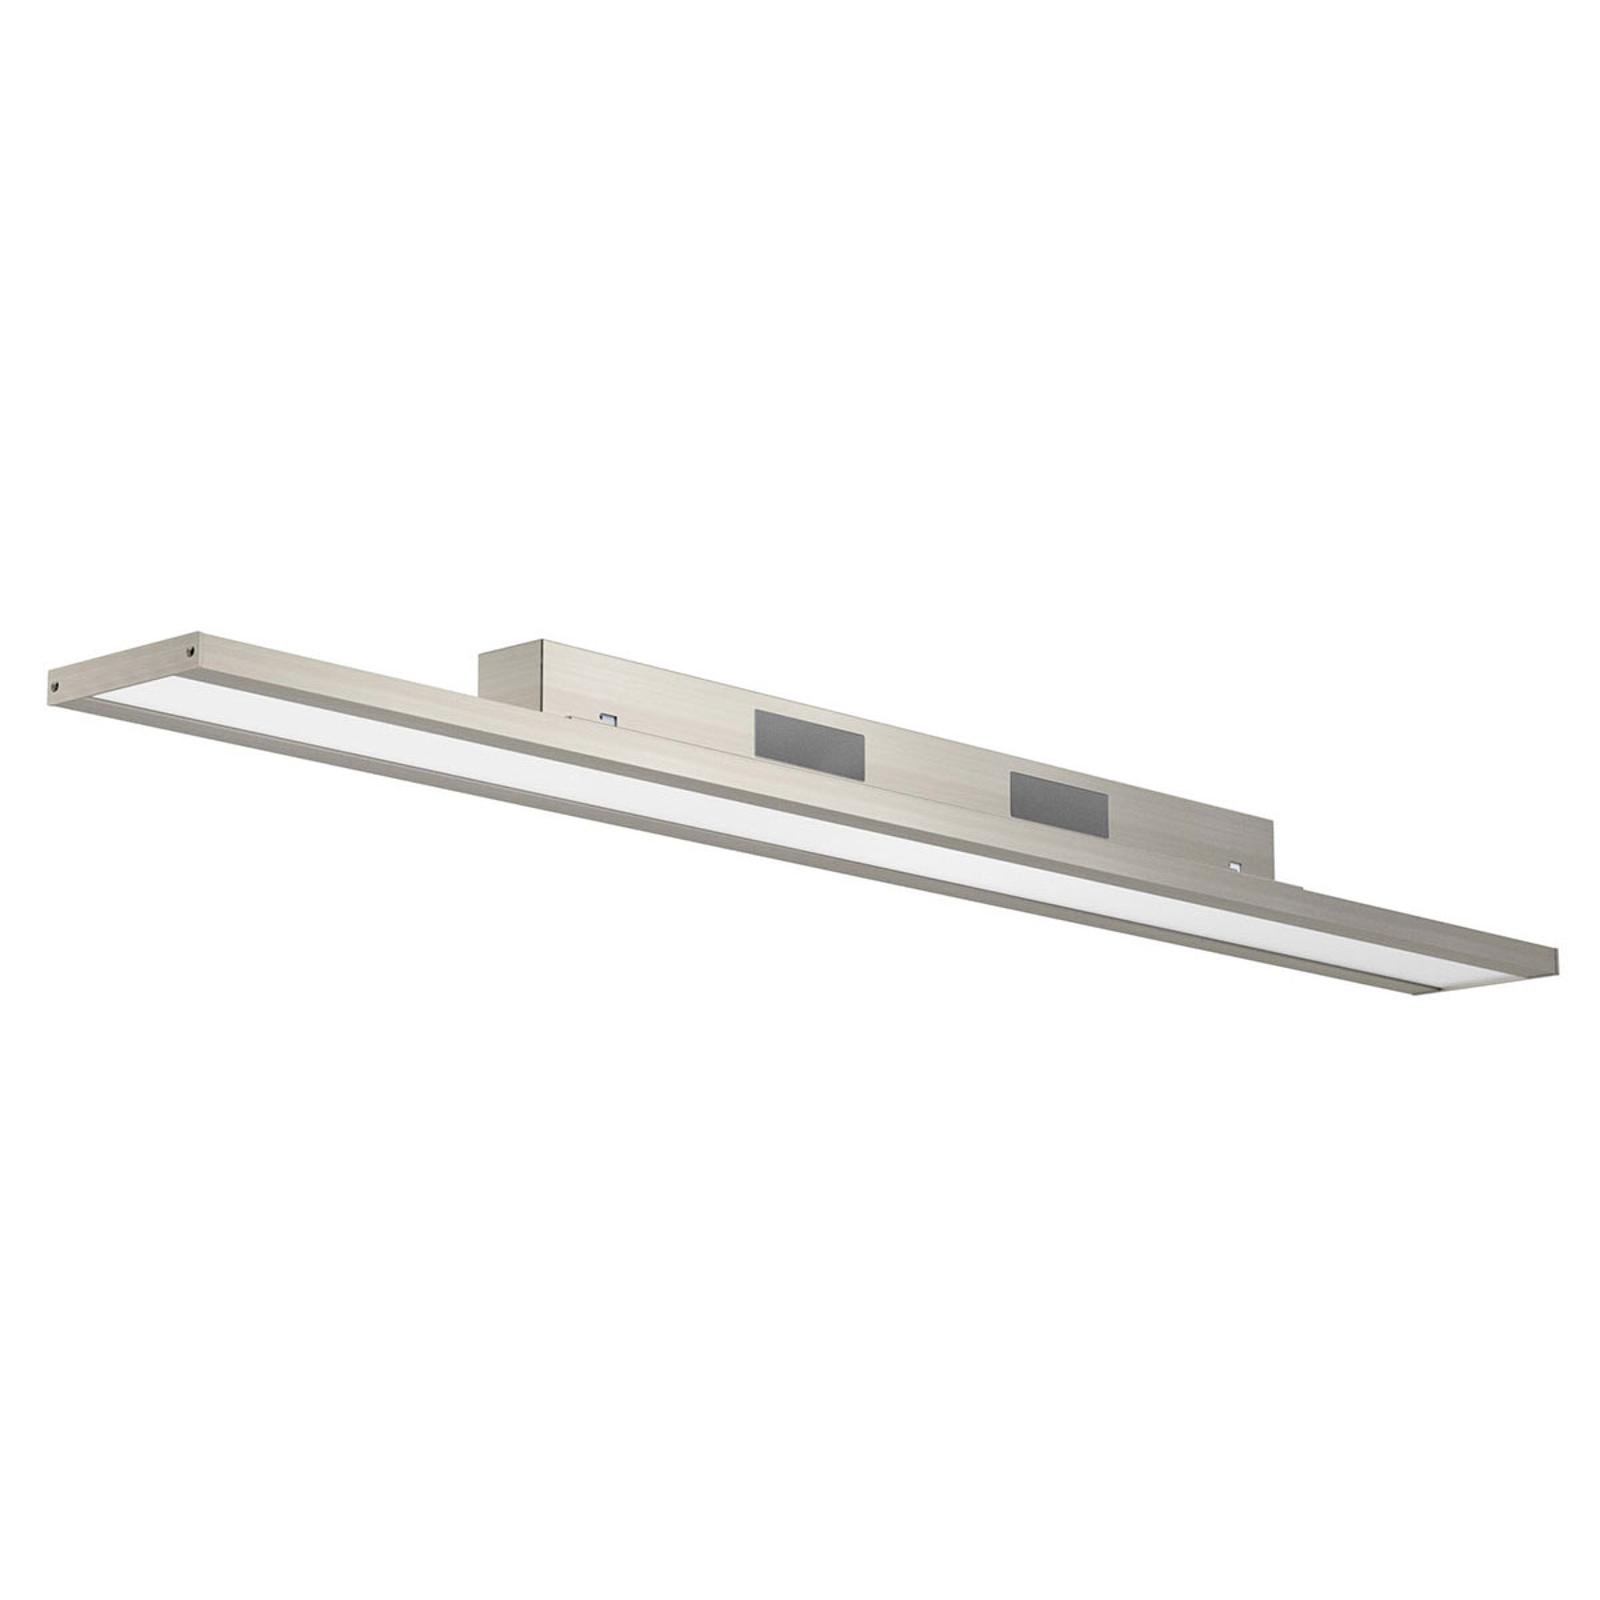 Mocna lampa sufitowa LED Classic Tec Basic